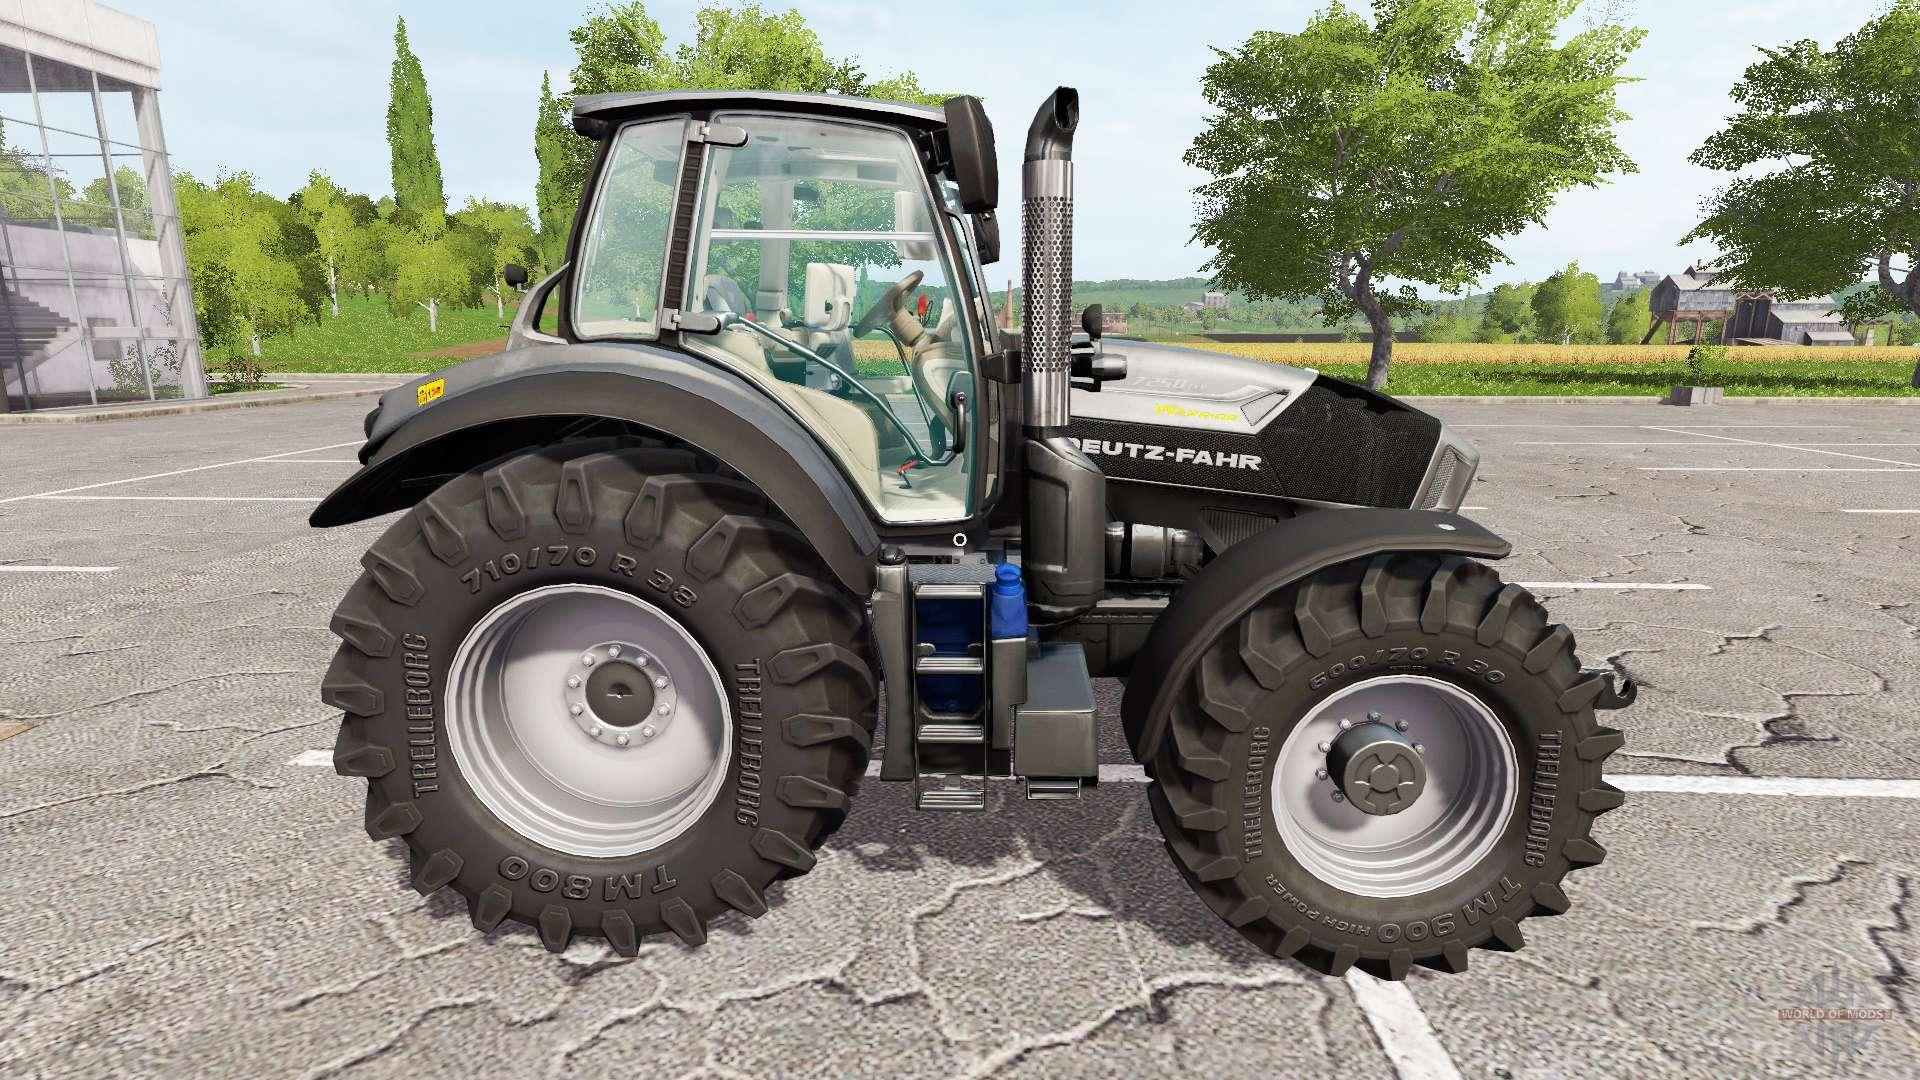 Трактор мтз 80: технические характеристики, цена, аналоги